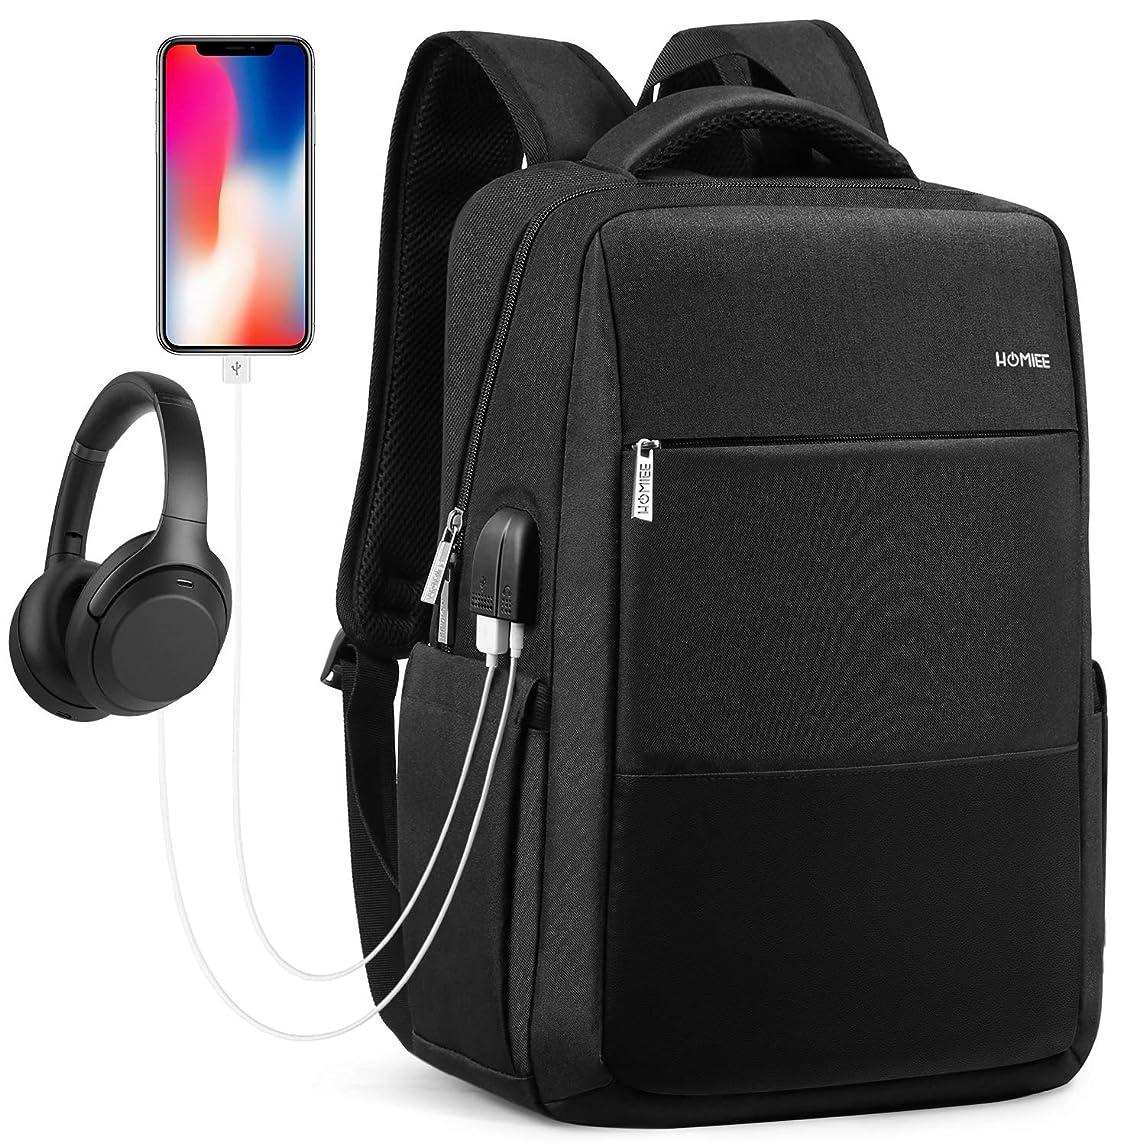 アルバニー私たちのパイントリュック HOMIEE ビジネスリュック メンズ 通勤 通学 多機能のポケット 15.6インチ USB充電ポート搭載 出張 旅行